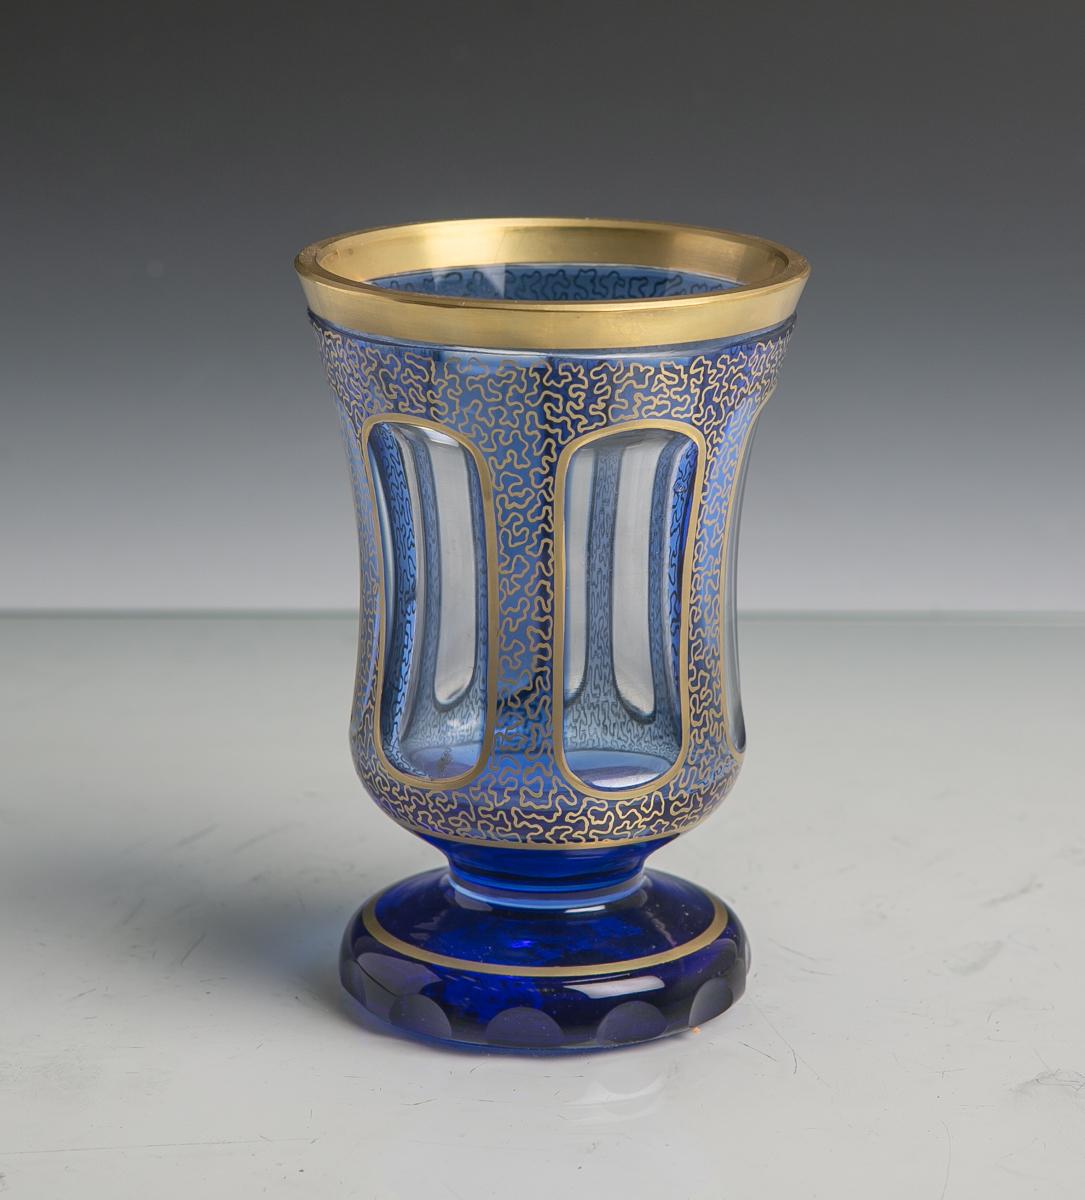 Lot 18 - Becherglas im Stil des Biedermeiers, farbloses Glas blau überfangen, Schliffdekor,Goldstaffage, H.